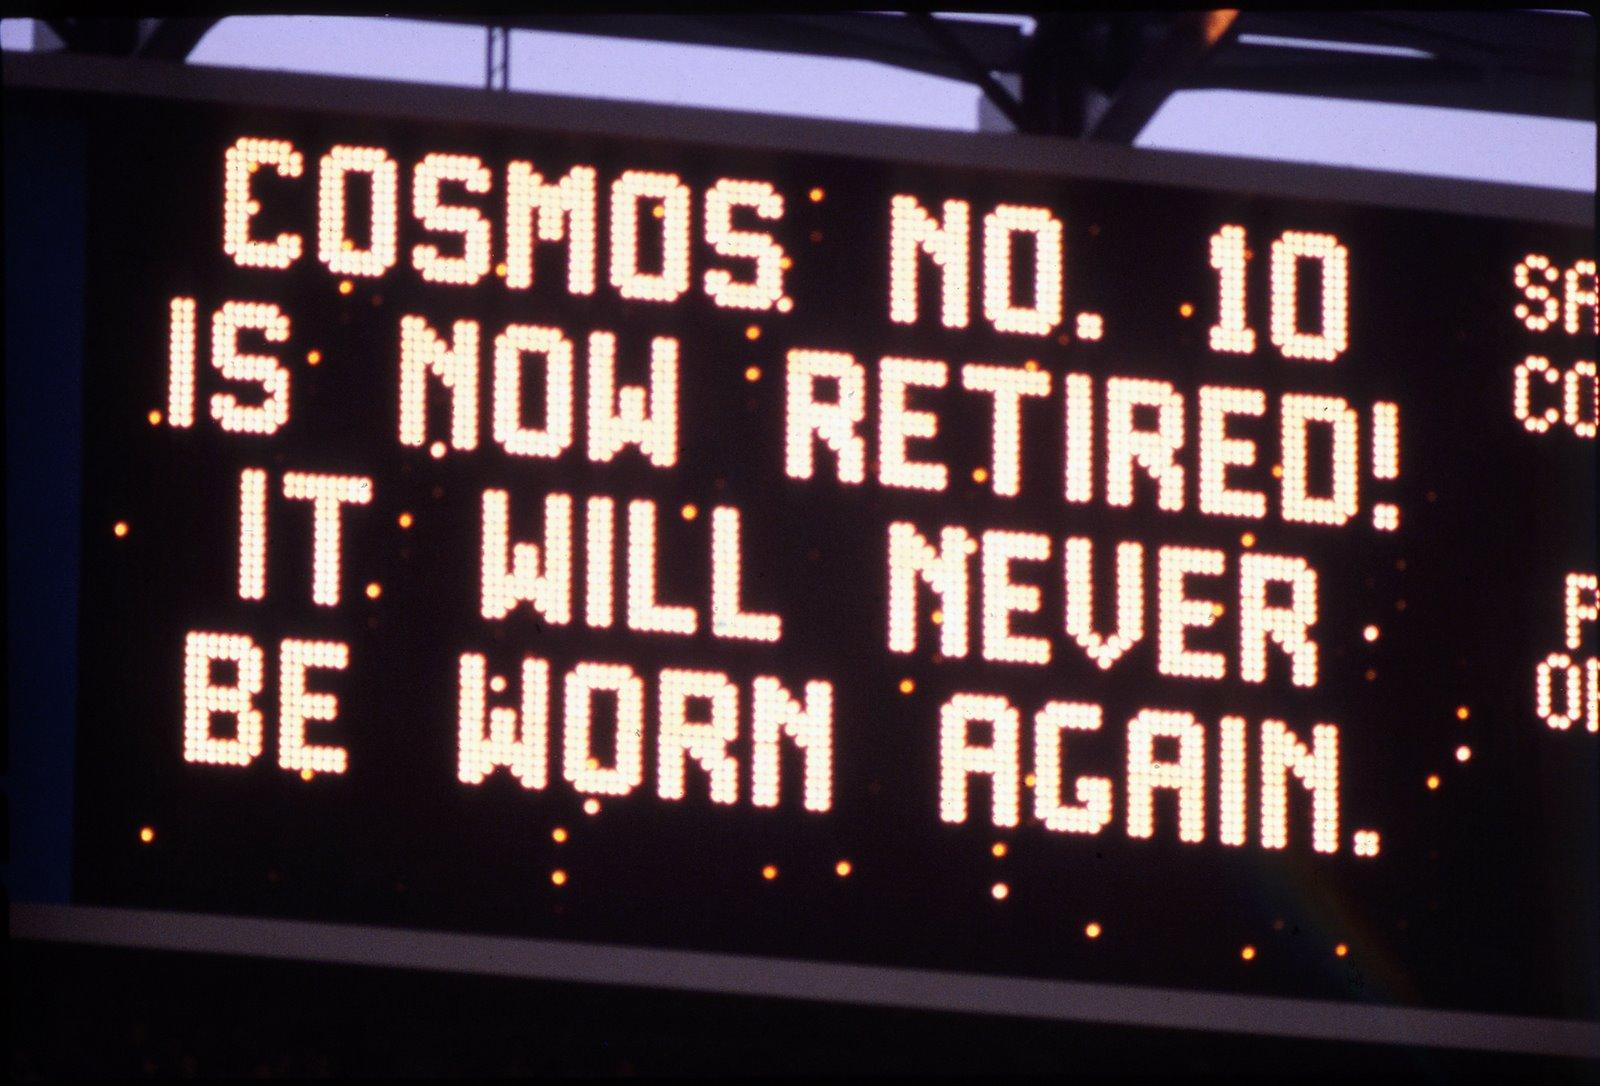 scoreboard_retired_no_10_sh.jpg